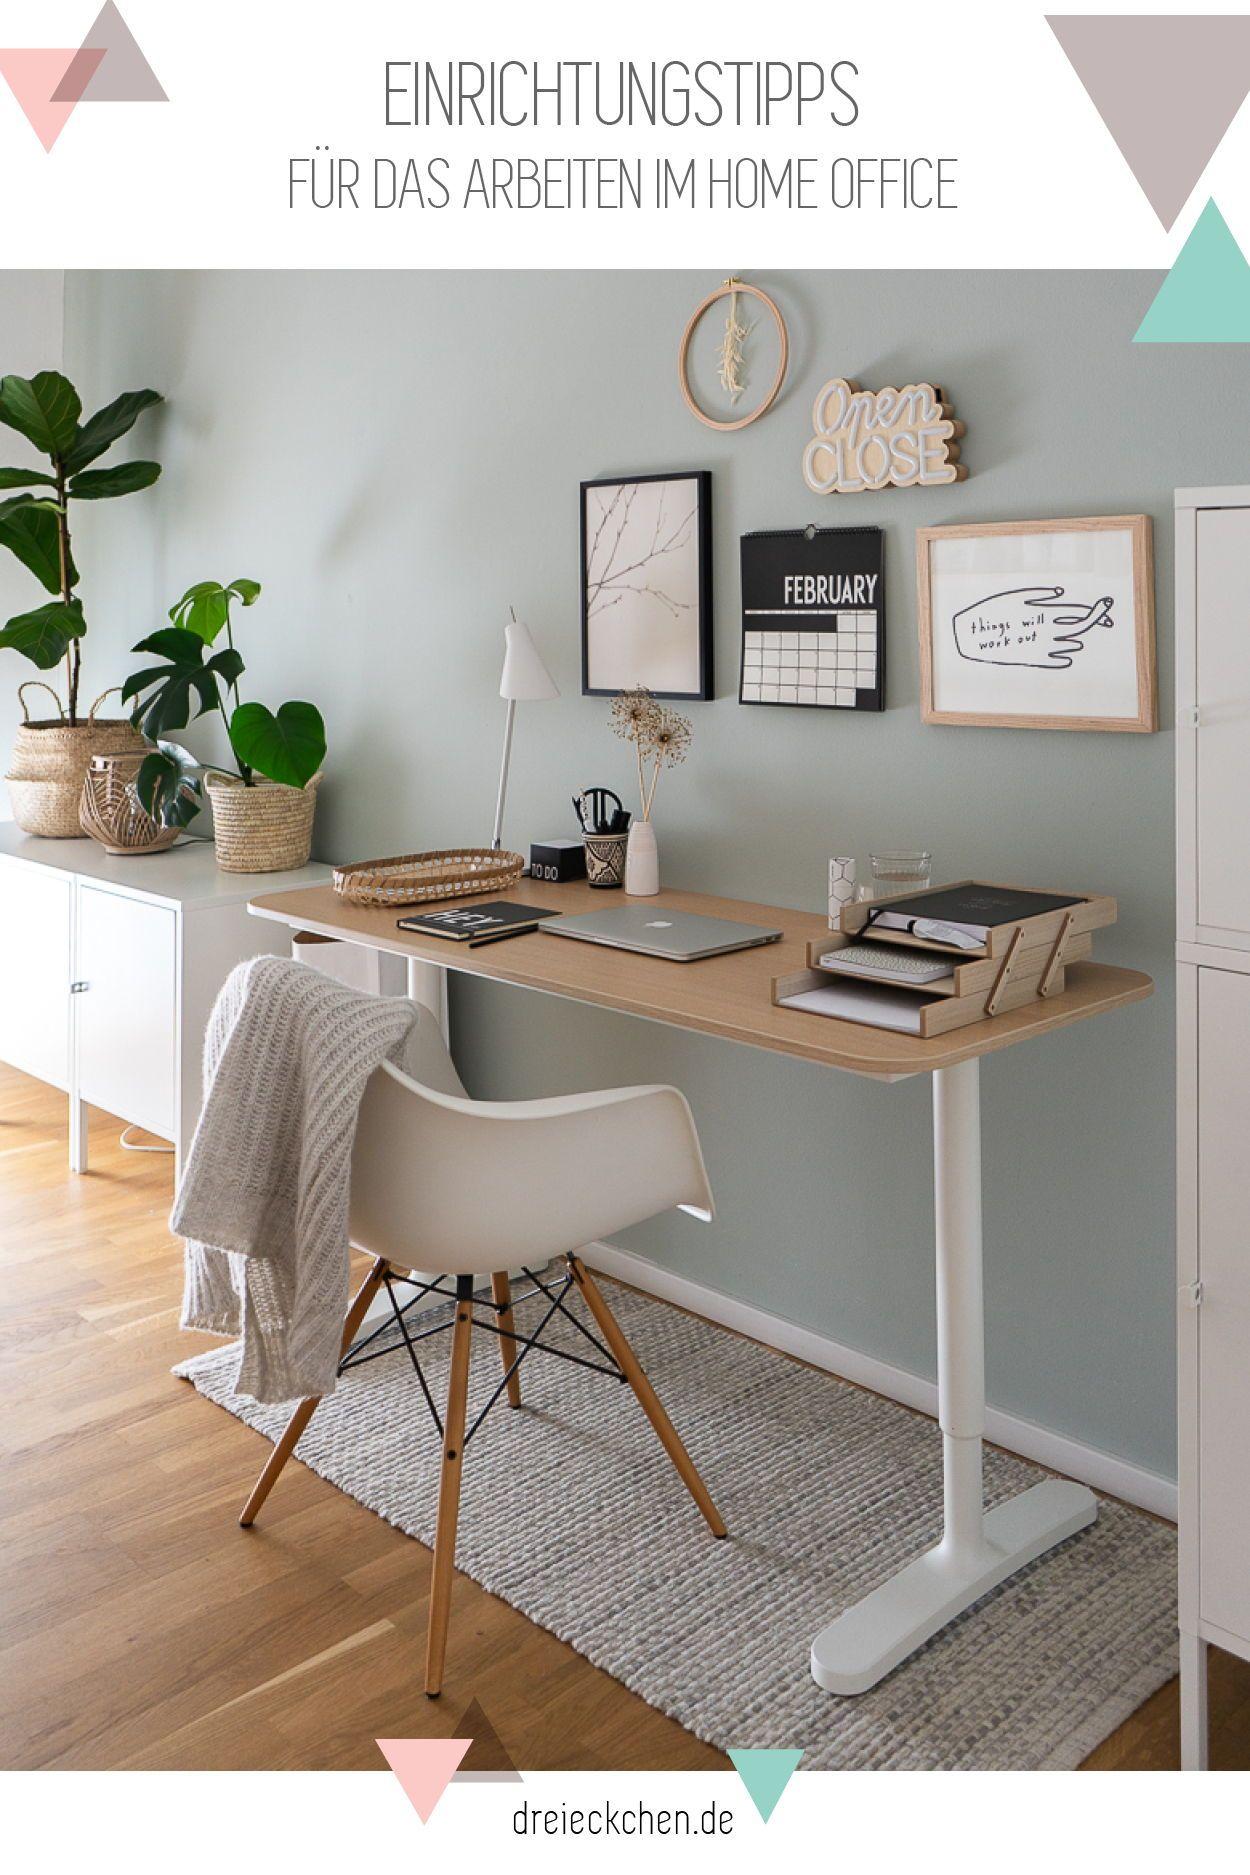 Arbeitszimmer Einrichten Ideen Für Das Büro Zuhause Blog Dreieckchen Wohnung Einrichten Ideen Arbeitszimmer Einrichten Zimmer Einrichten Jugendzimmer